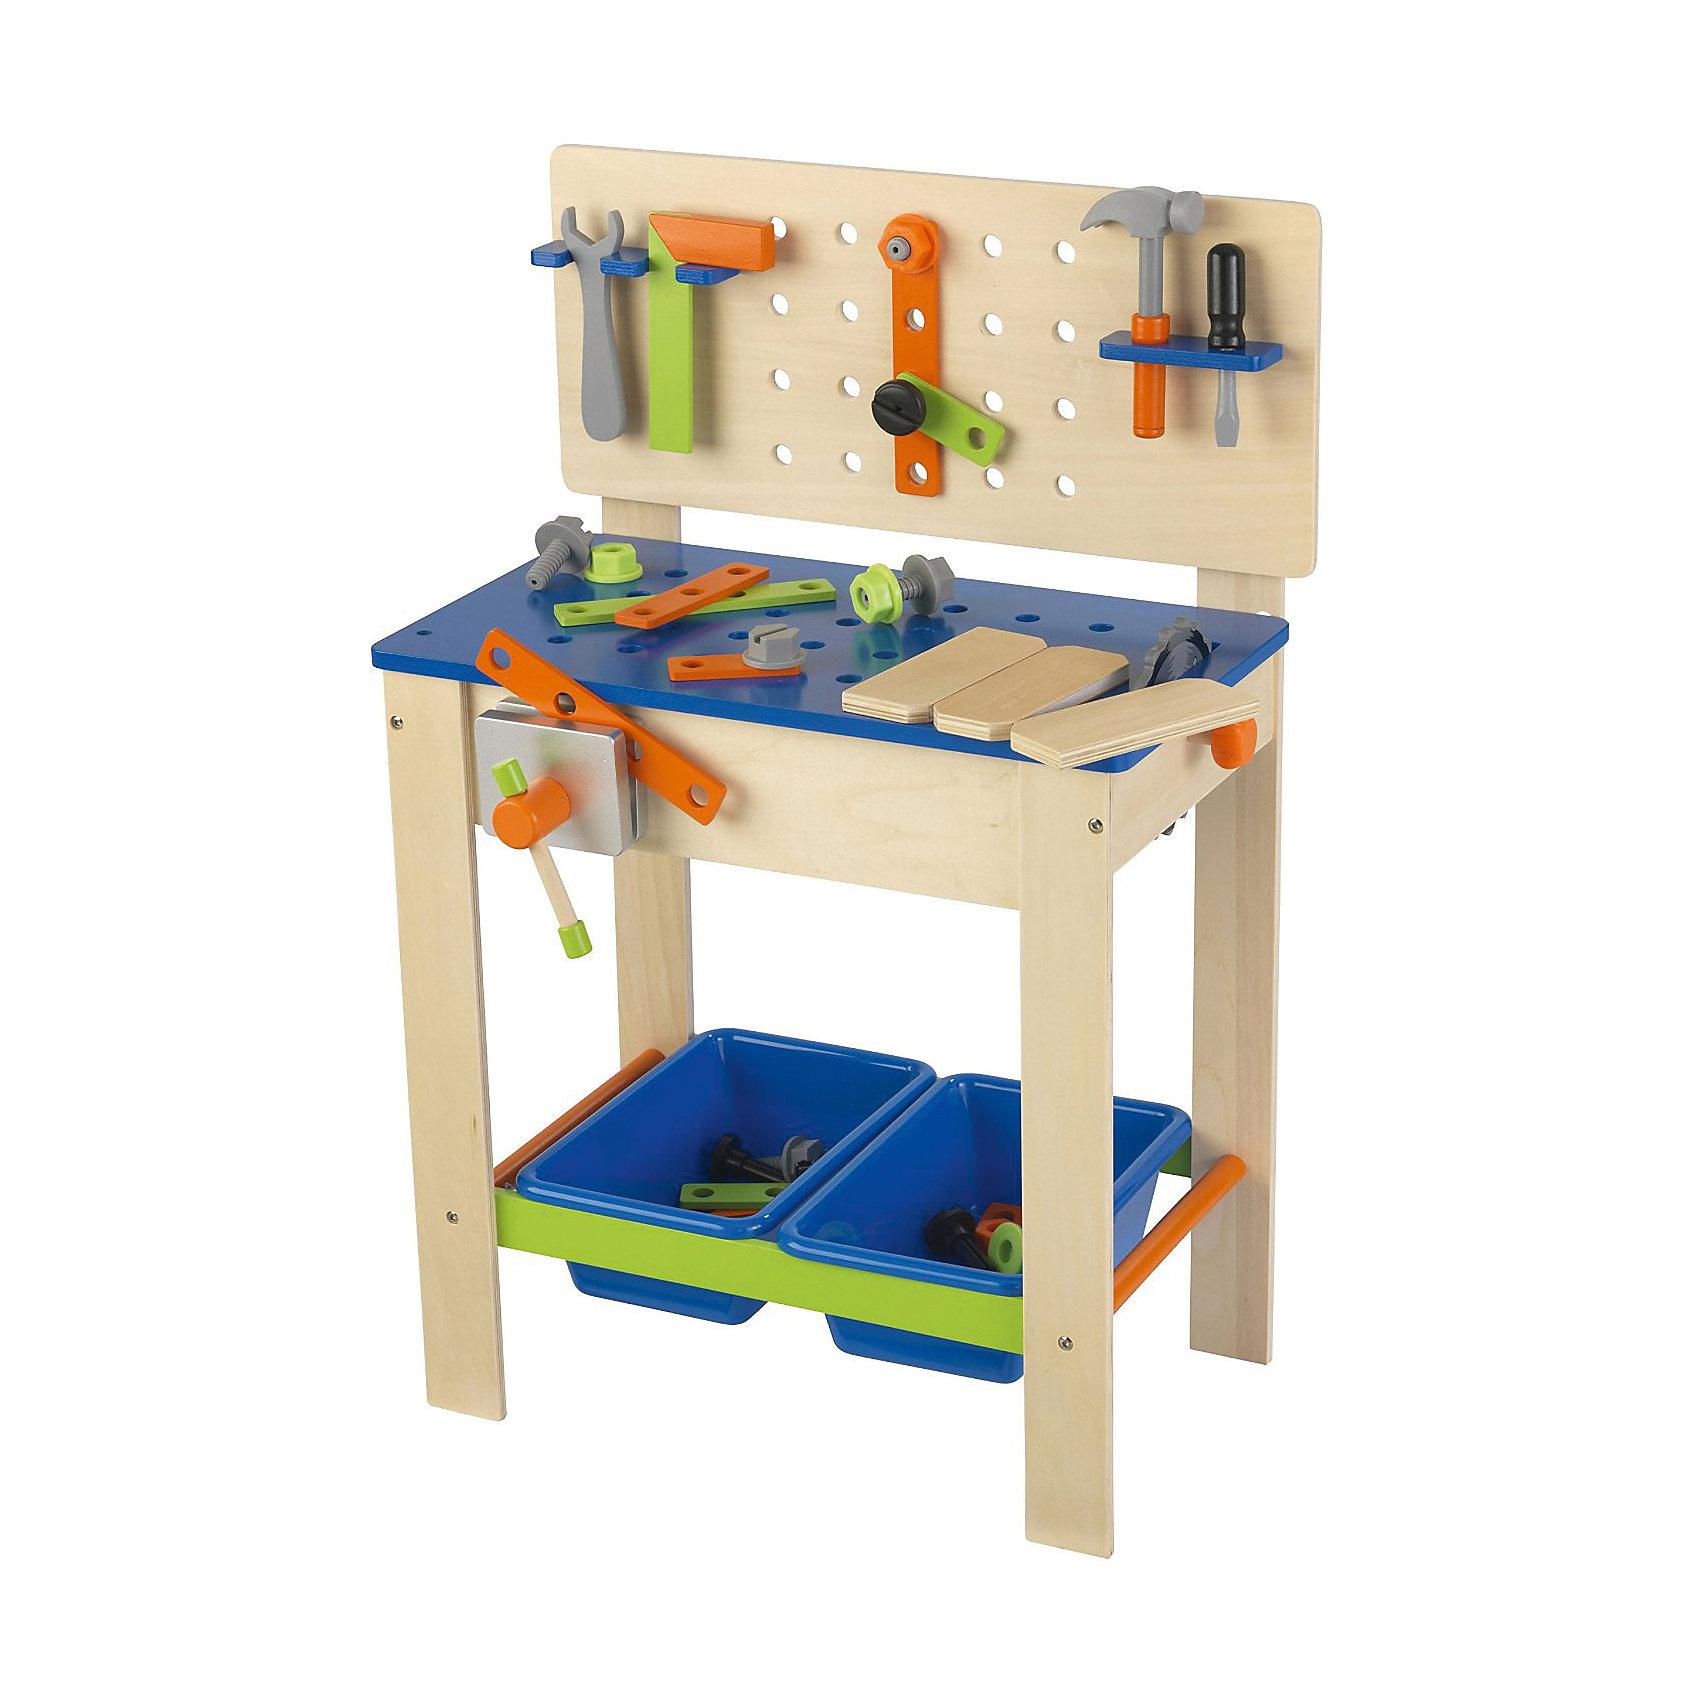 Игровой набор Верстак с инструментами, KidKraftМастерская и инструменты<br>Игровой набор Верстак с инструментами, KidKraft (КидКрафт).<br><br>Характеристики:<br><br>• Материал: дерево, МДФ.<br>• Размер игрушки: 55 x 38 x 80 см.<br>• Размер упаковки: 36 ? 78 ? 12 см.<br>• Вес: 7 кг<br><br>В комплект входит:<br><br>• верстак,<br>• инструменты (отвертка, молоток, угловая линейка, зажим пила с вращающимся лезвием, болты и гайки),<br>• крепежные элементы,<br>• ящики для хранения - 2 шт.<br><br>Такой игровой комплект обязательно пригодится юному мастеру! Каждый мужчина, даже самый маленький, мечтает о хорошем наборе инструментов. Верстак выглядит очень реалистично и дополнен различными аксессуарами - креплениями, инструментами, тисками, планками, болтами, гайками и другими предметами. Элементы набора из натуральной древесины, идеально отшлифованы и покрыты нетоксичными красками. В столе и стойке верстака сделаны технологические отверстия, которые можно использовать для вкручивания болтов и шурупов. Два пластиковых ящика для хранения деталей, обеспечат порядок на рабочем месте. Данный набор развлечёт малыша и поможет развить у ребёнка фантазию, моторику рук, любовь к труду и порядку. <br><br>Игровой набор Верстак с инструментами, KidKraft (КидКрафт), можно купить в нашем интернет – магазине.<br><br>Ширина мм: 780<br>Глубина мм: 360<br>Высота мм: 120<br>Вес г: 7000<br>Возраст от месяцев: 36<br>Возраст до месяцев: 120<br>Пол: Мужской<br>Возраст: Детский<br>SKU: 5044996